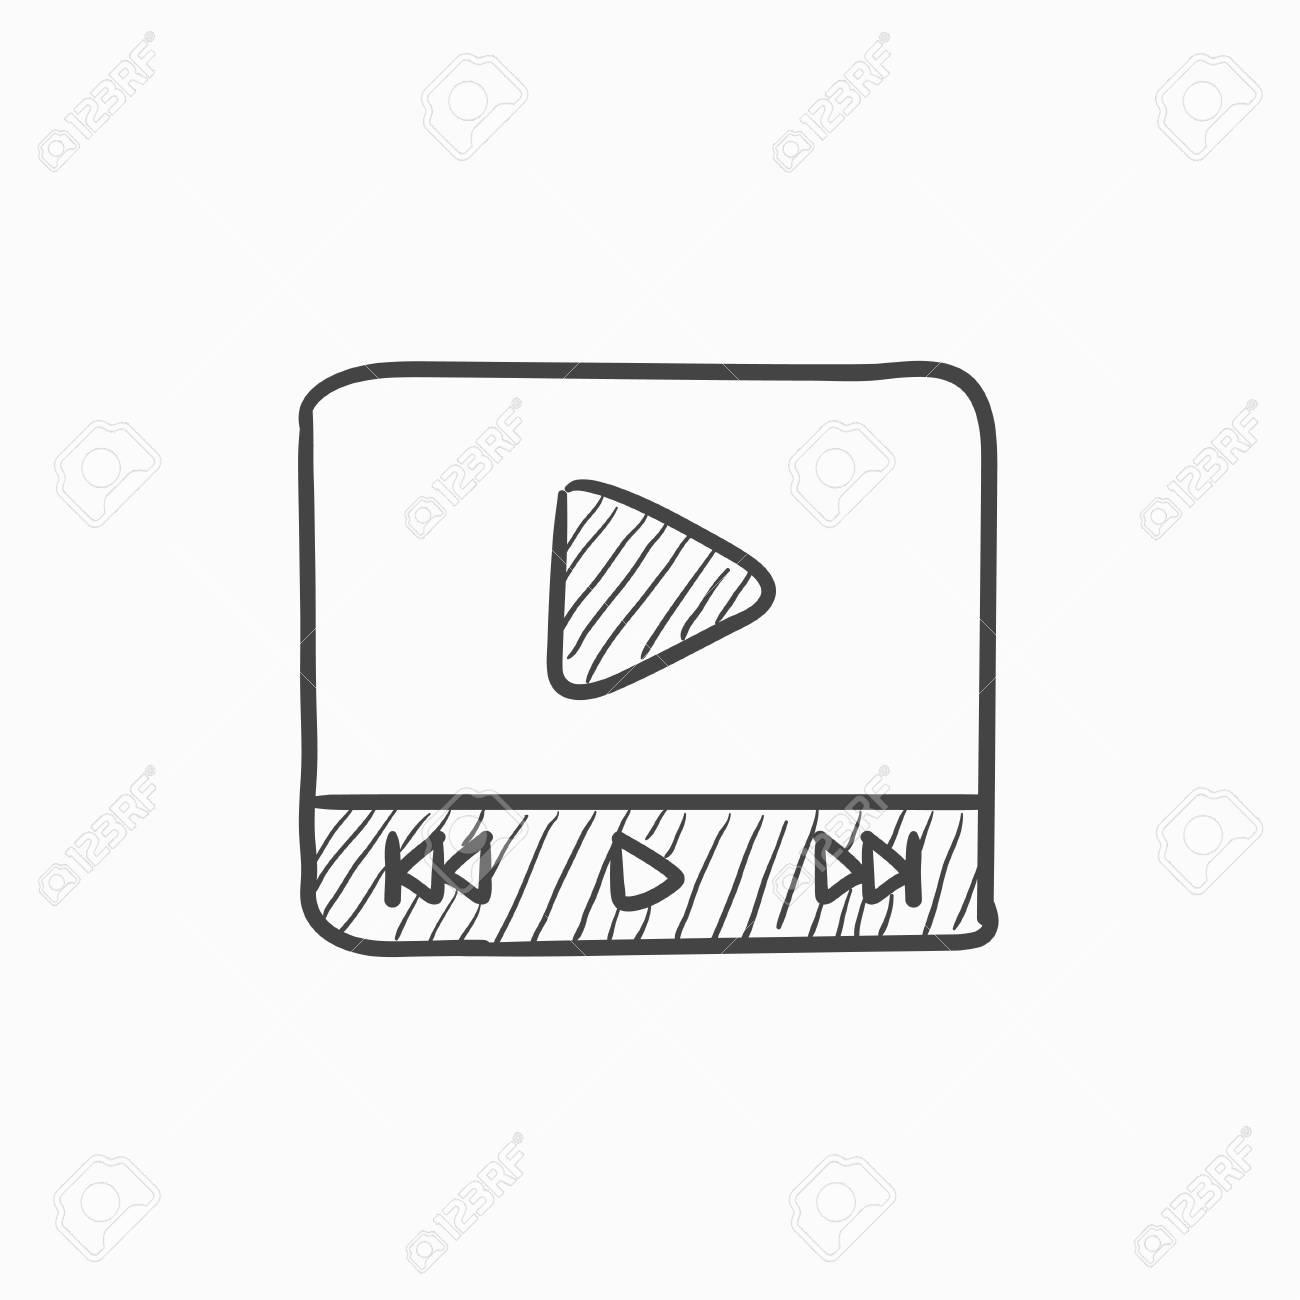 Reproductor De Vídeo Dibujo Icono Del Vector Aislado En El Fondo Dibujado A Mano Icono Del Reproductor De Vídeo Dibujo Icono De Reproductor De Vídeo